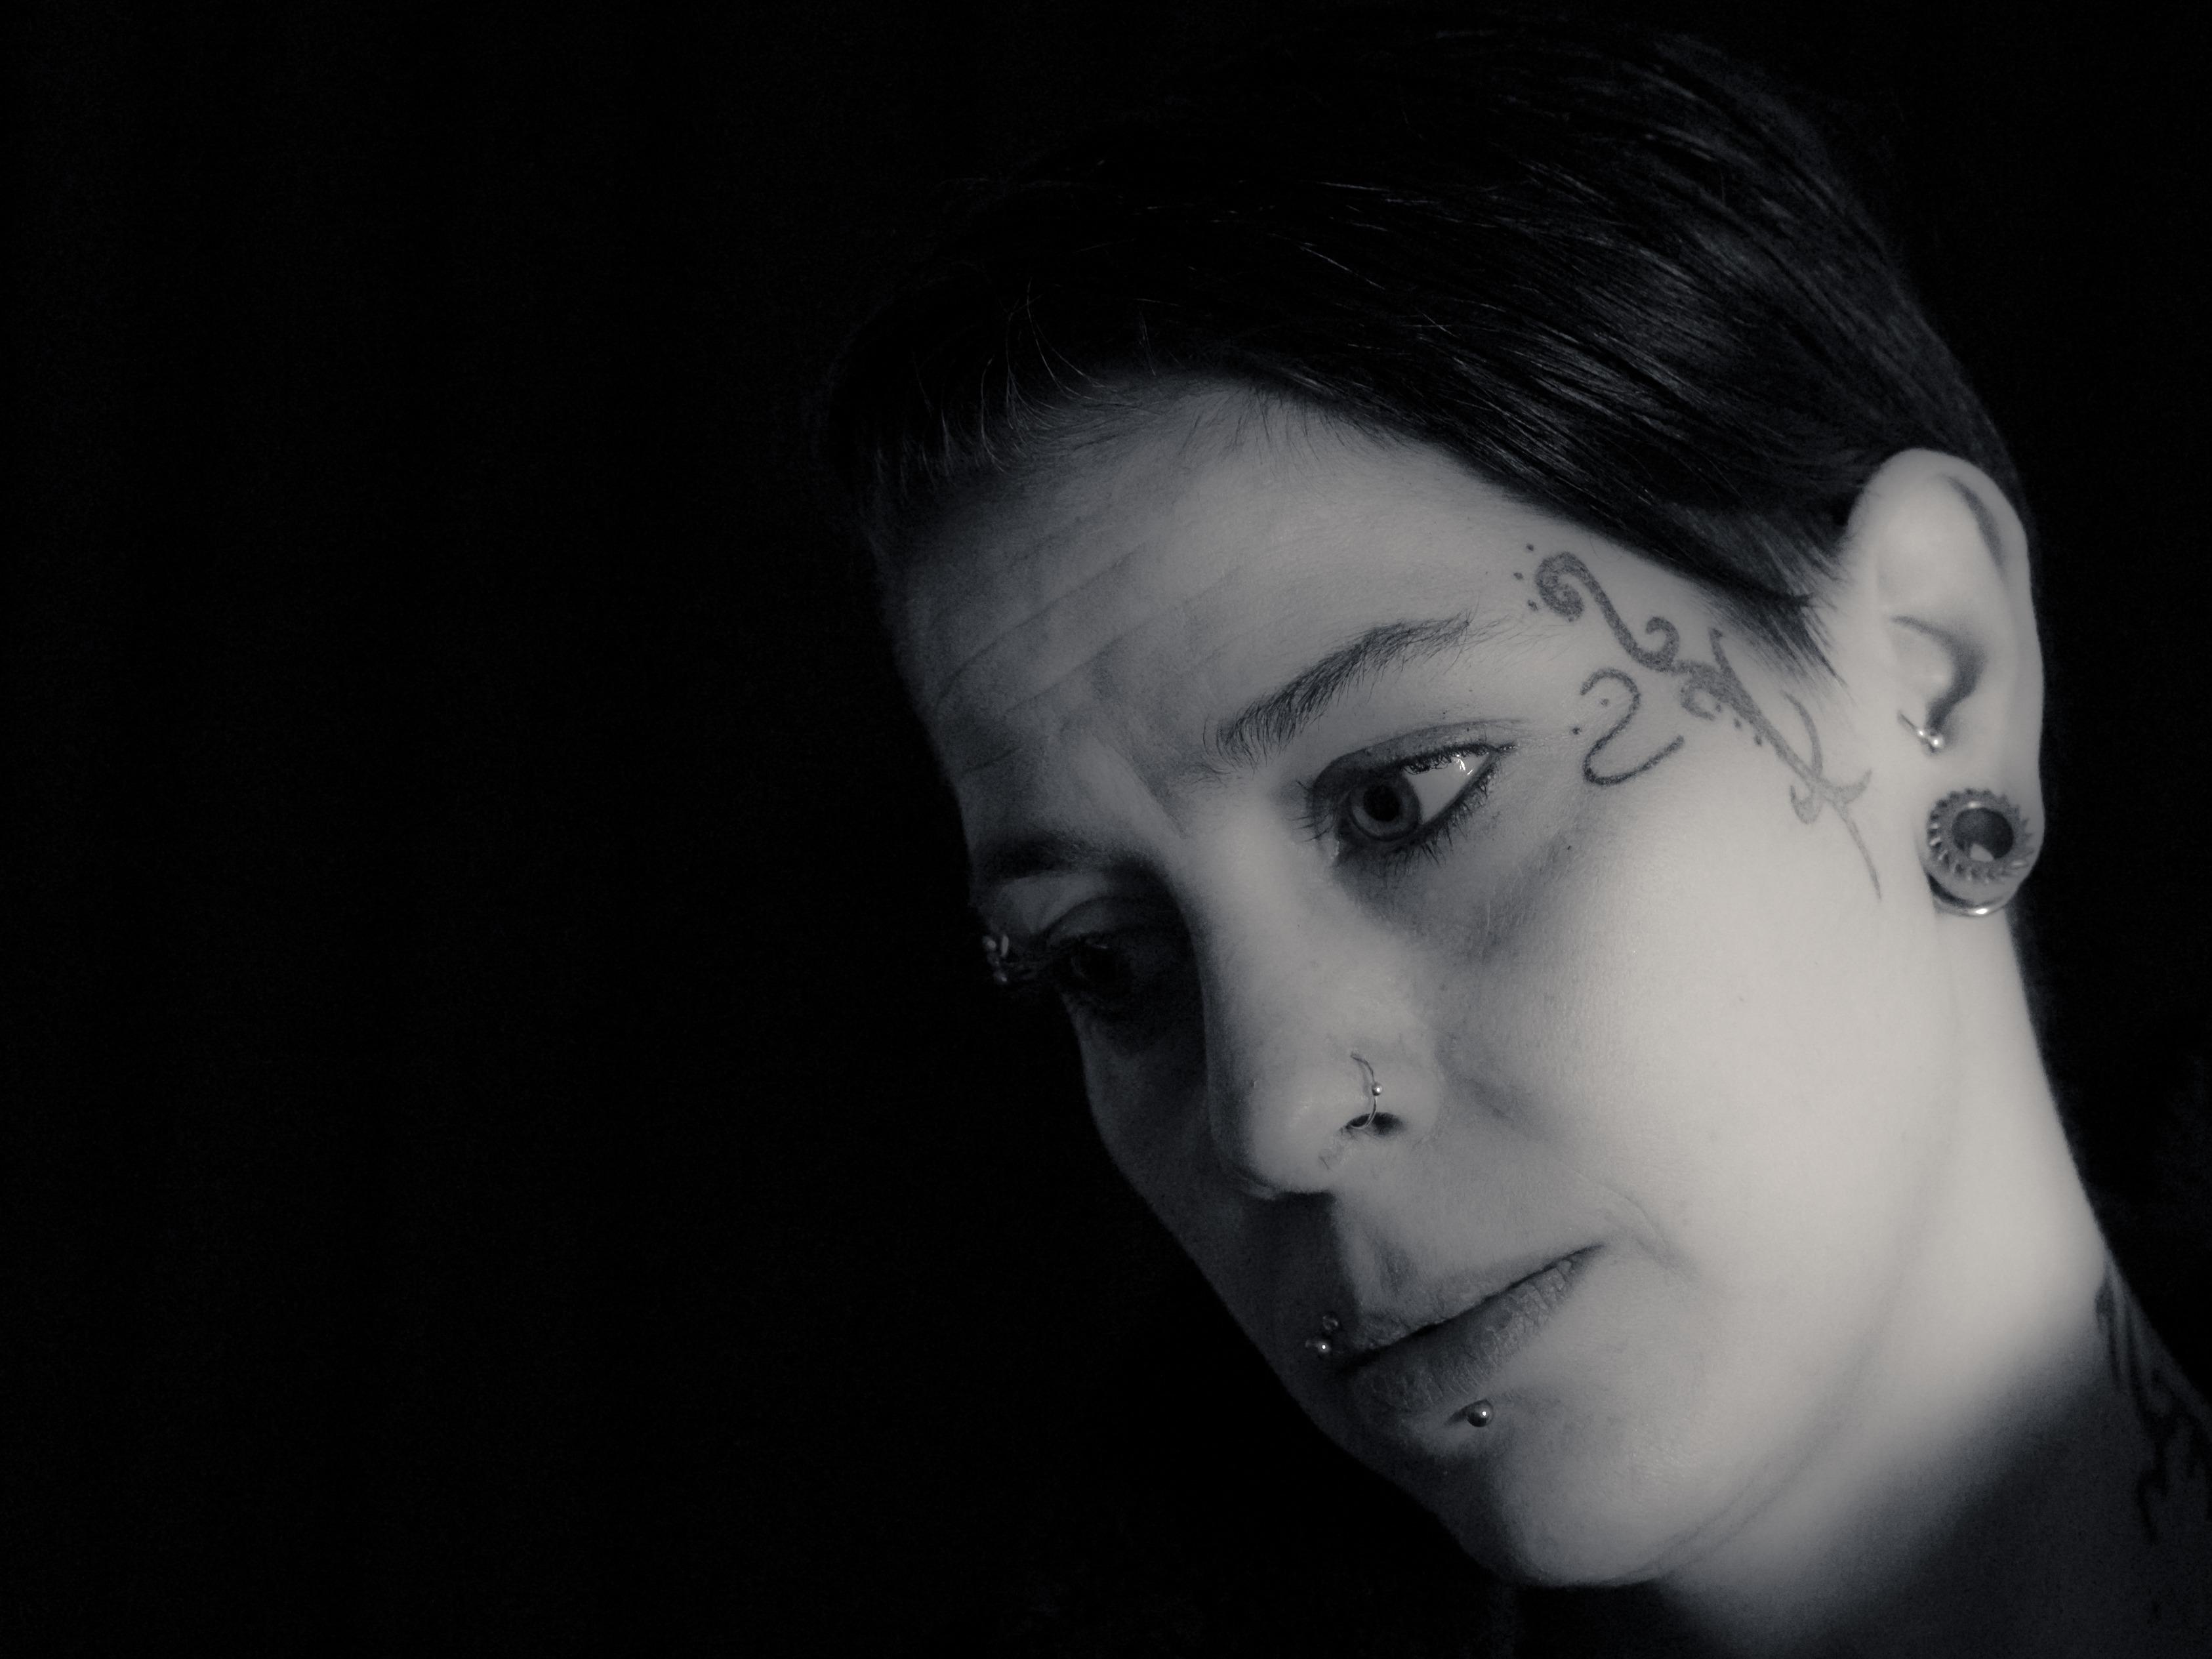 Images Gratuites Noir Et Blanc Femme La Photographie Tatouage